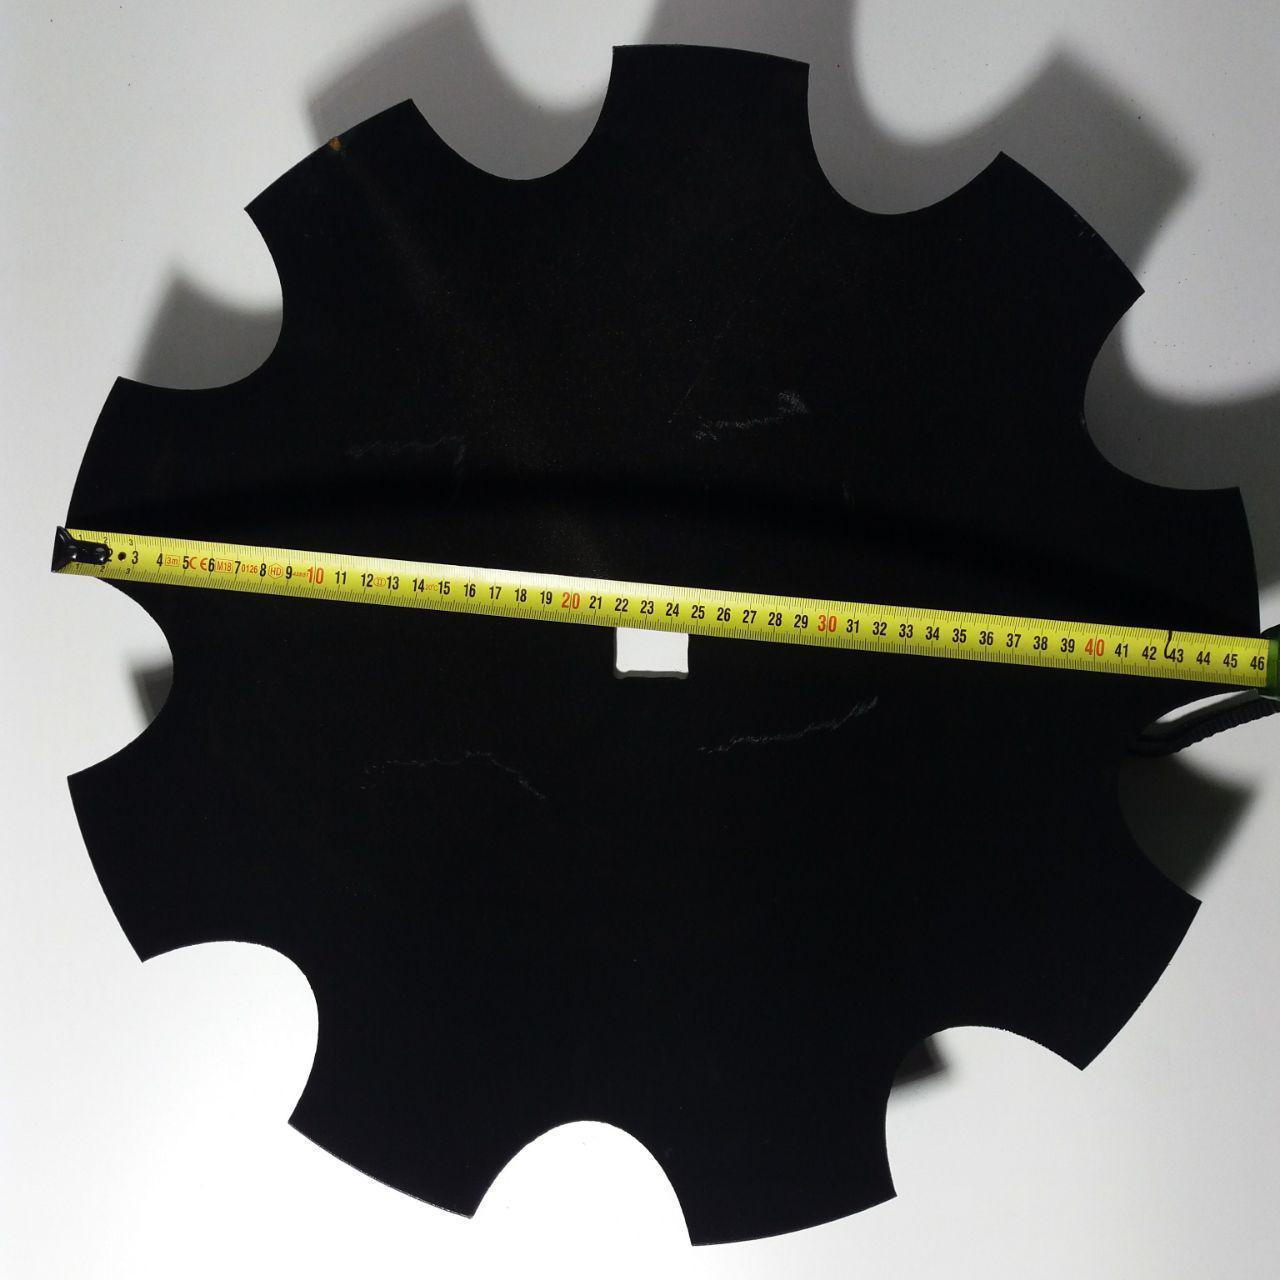 Тарелка зубастая (ромашка) 51 см к дисковой бороны польской